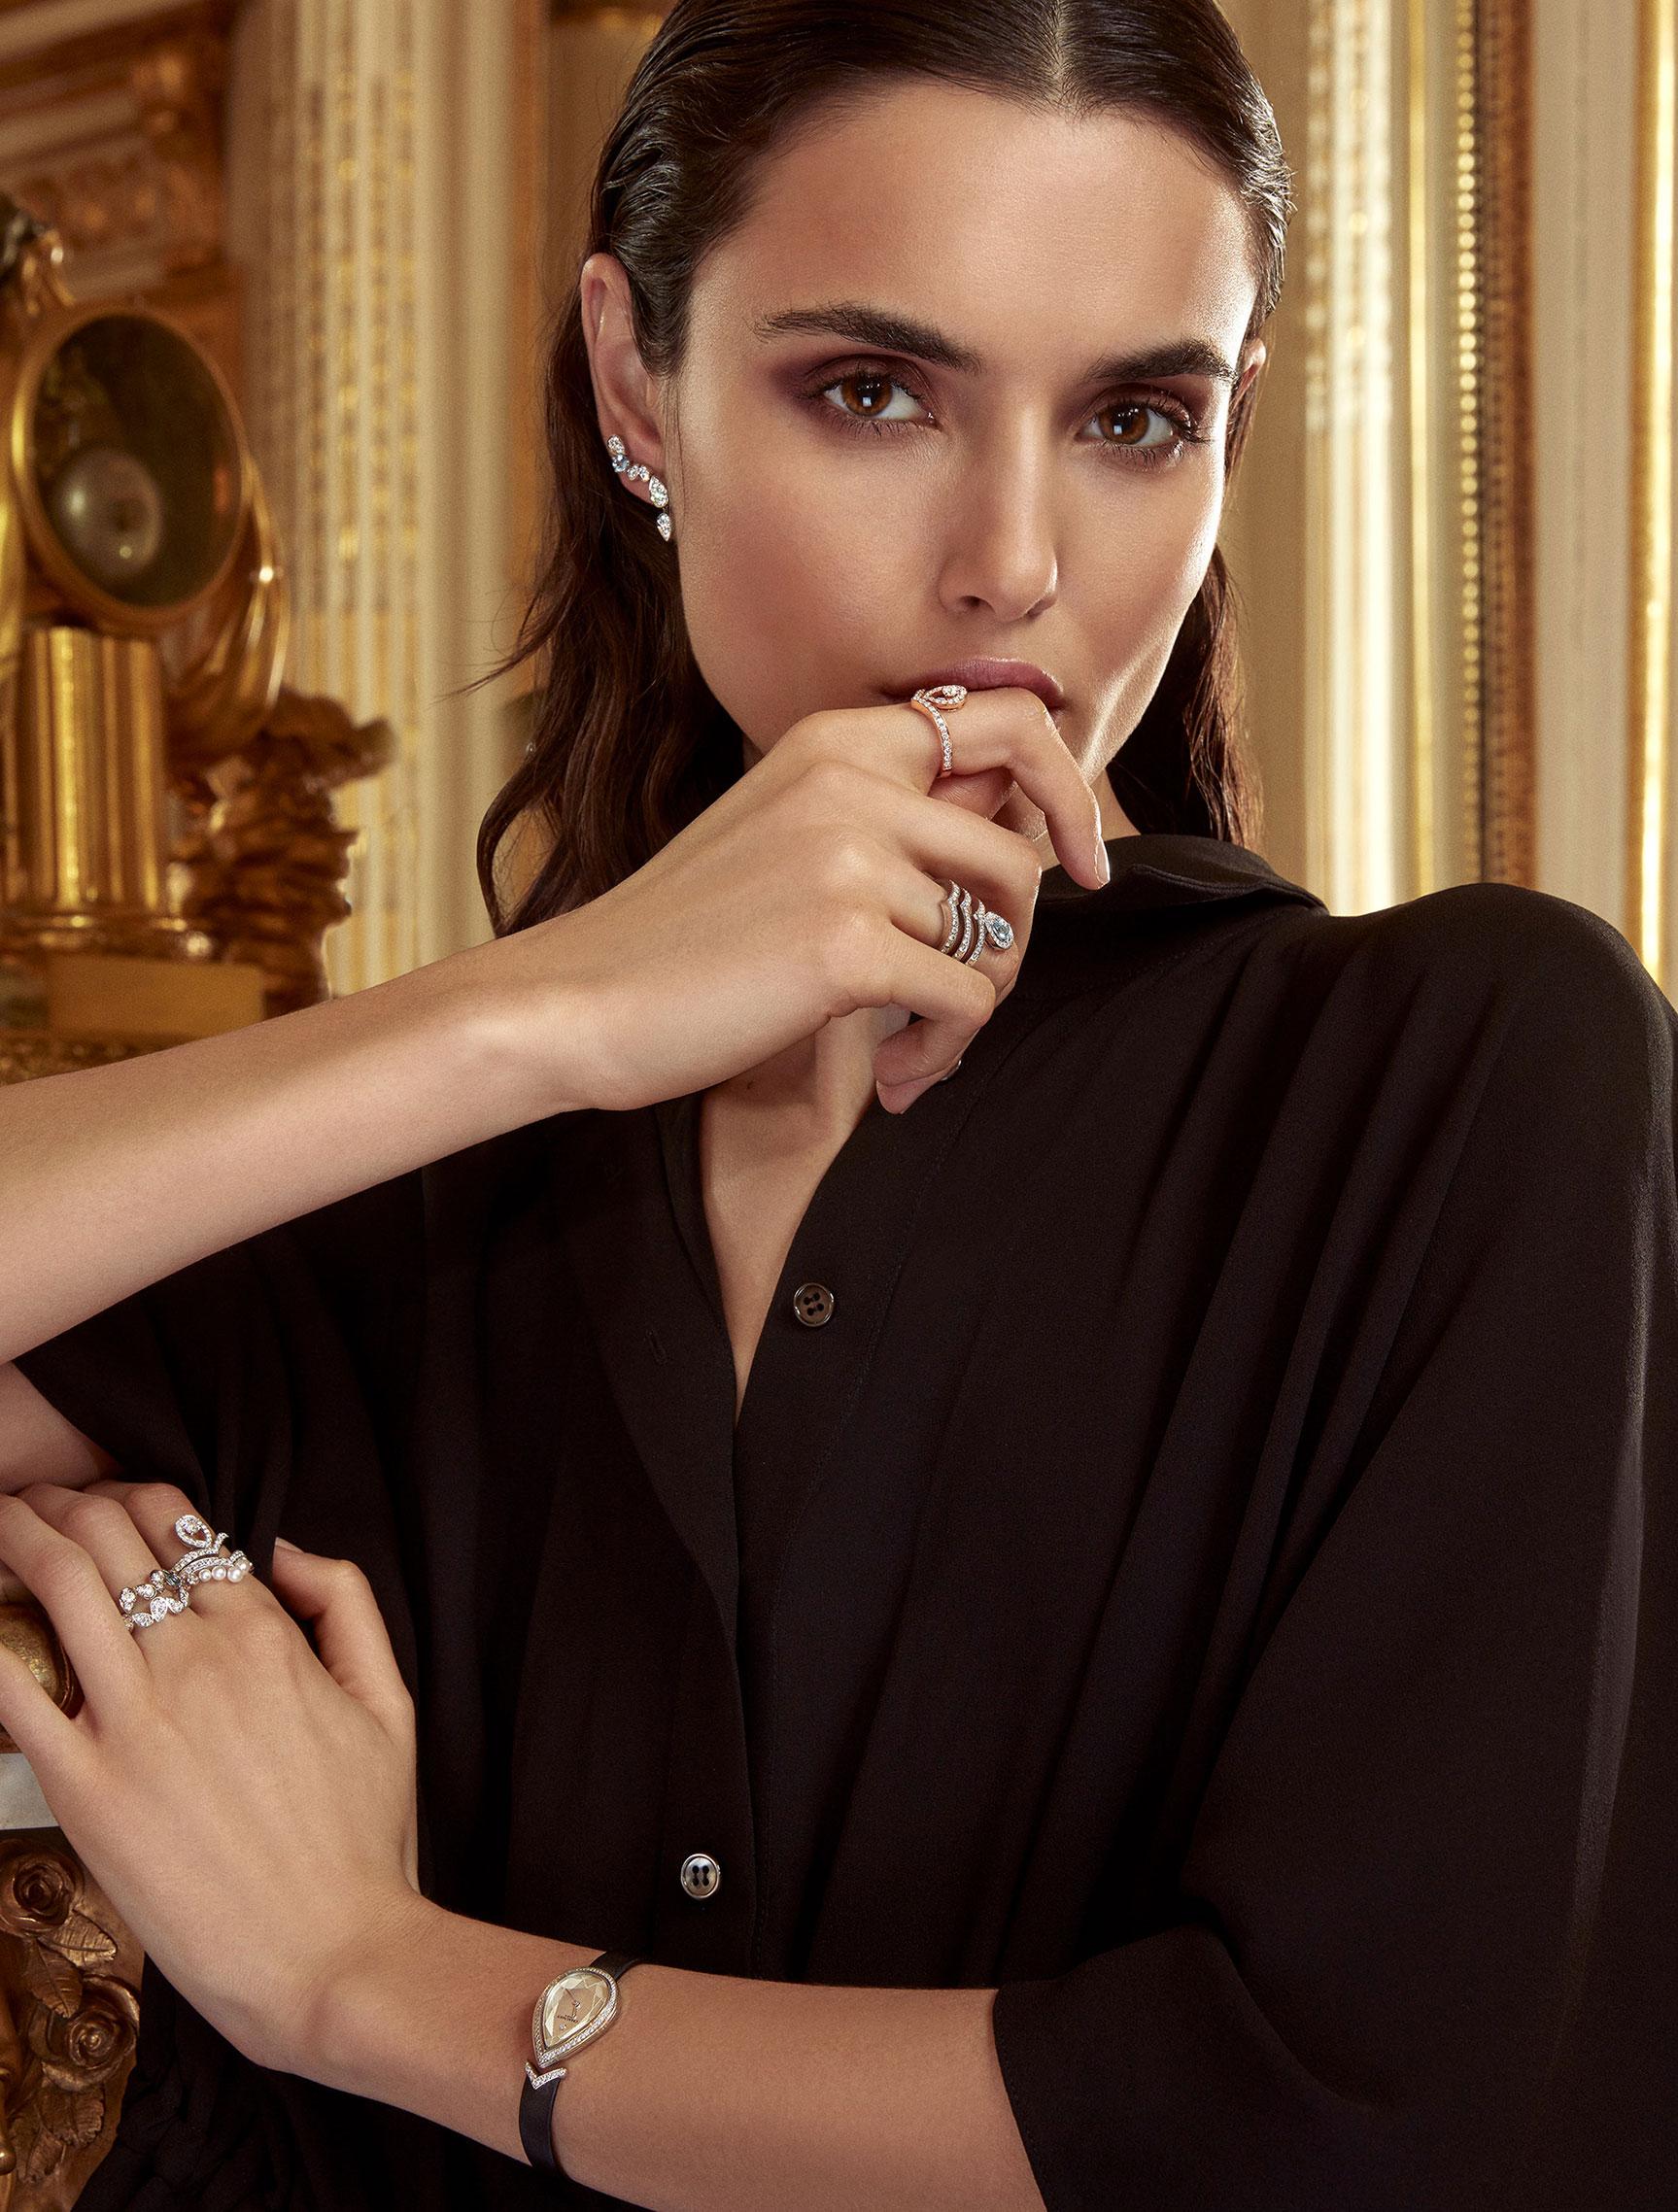 классические парижские ювелирные изделия Chaumet на красивой девушке / фото 06